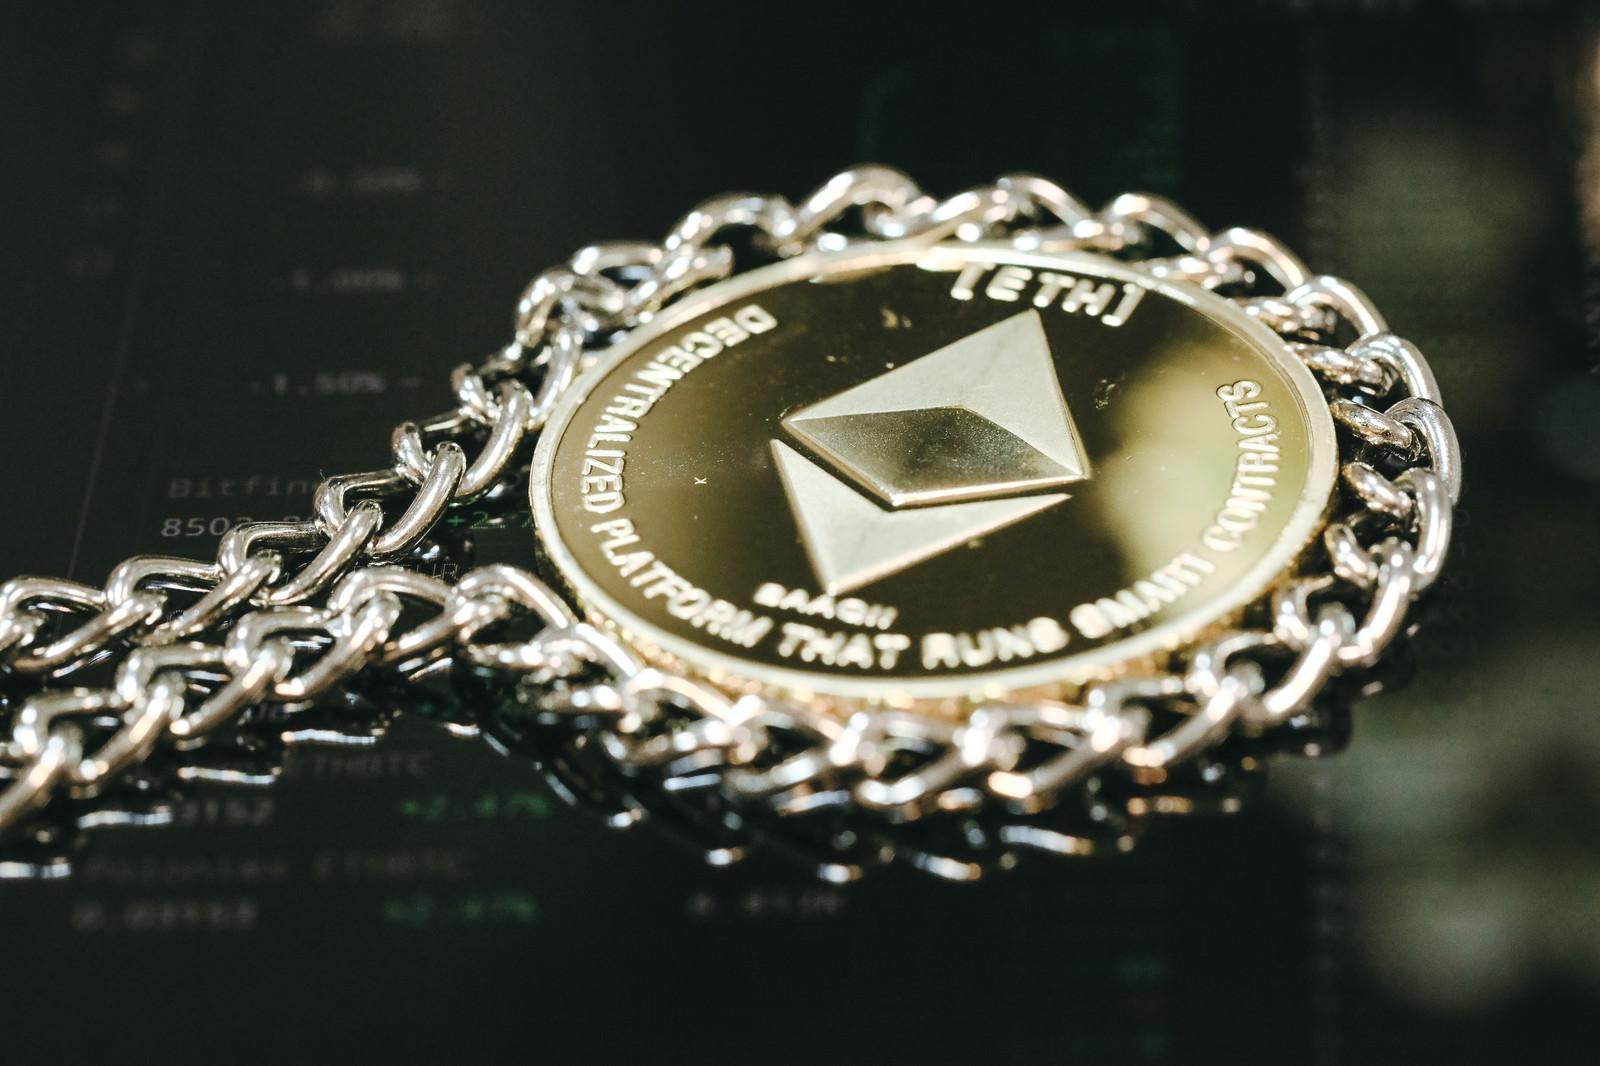 「チェーンで囲ったイーサリアム(仮想通貨)」の写真